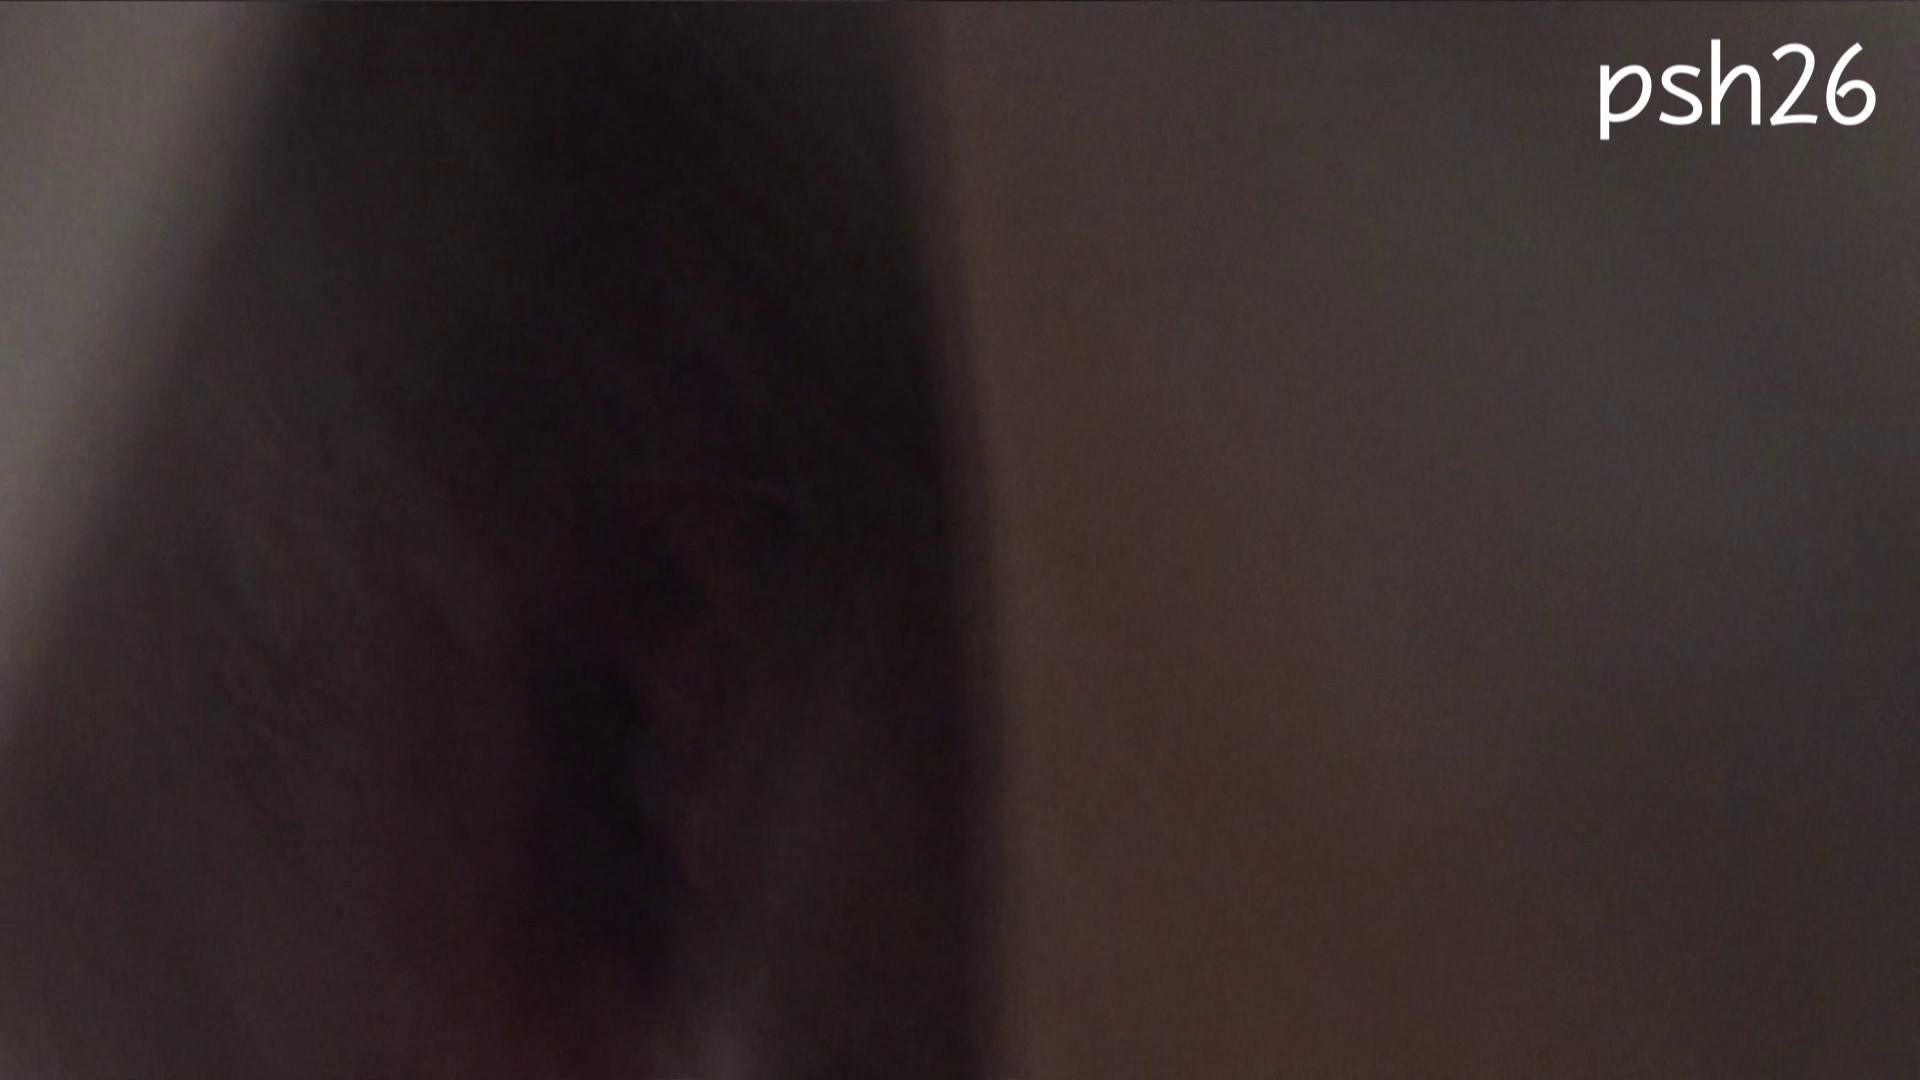 ▲復活限定▲ハイビジョン 盗神伝 Vol.26 盗撮エロすぎ | 洗面所着替え  80連発 15